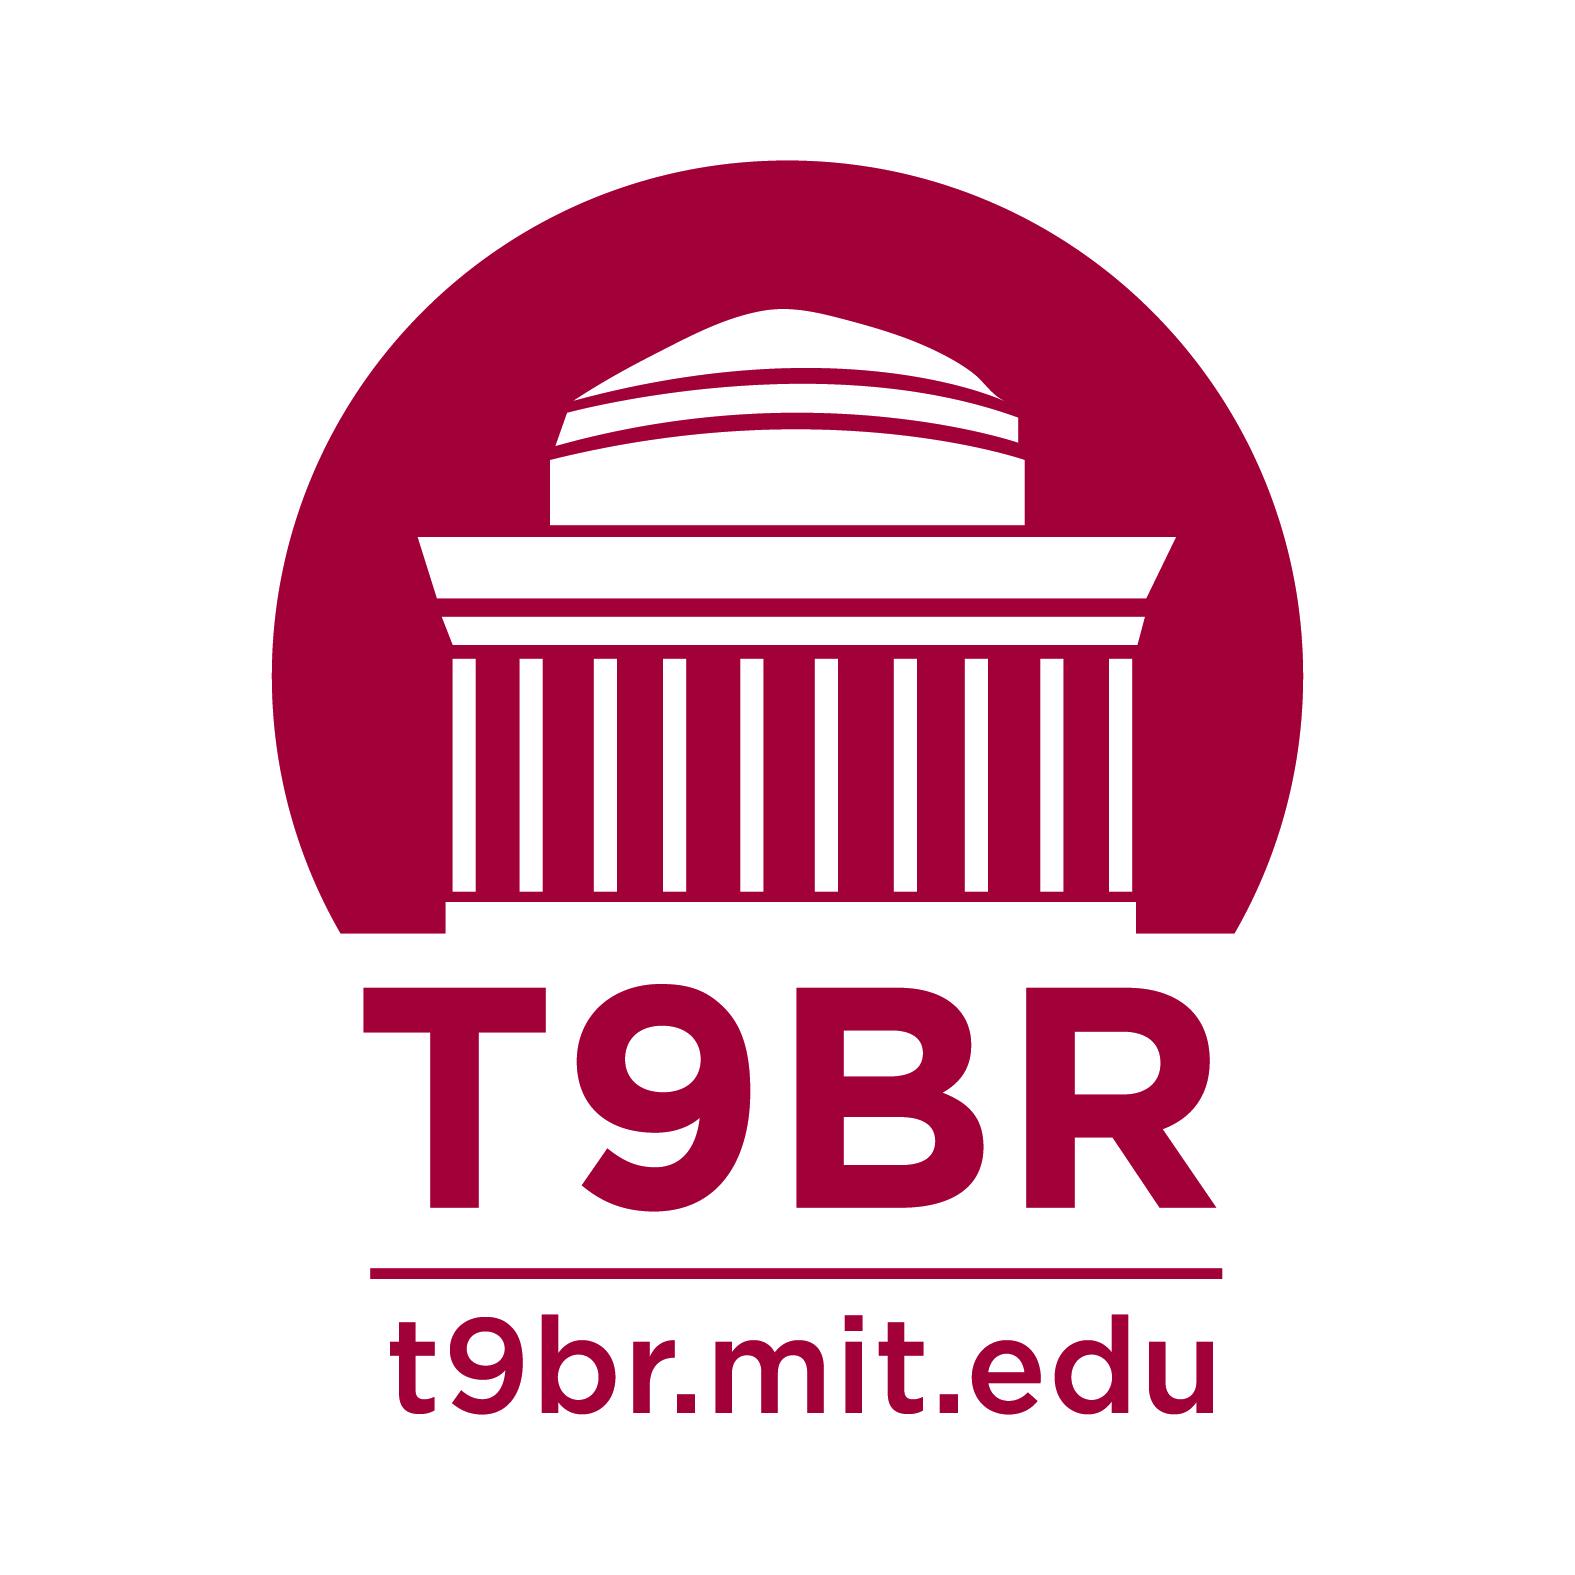 title ix bias response logo